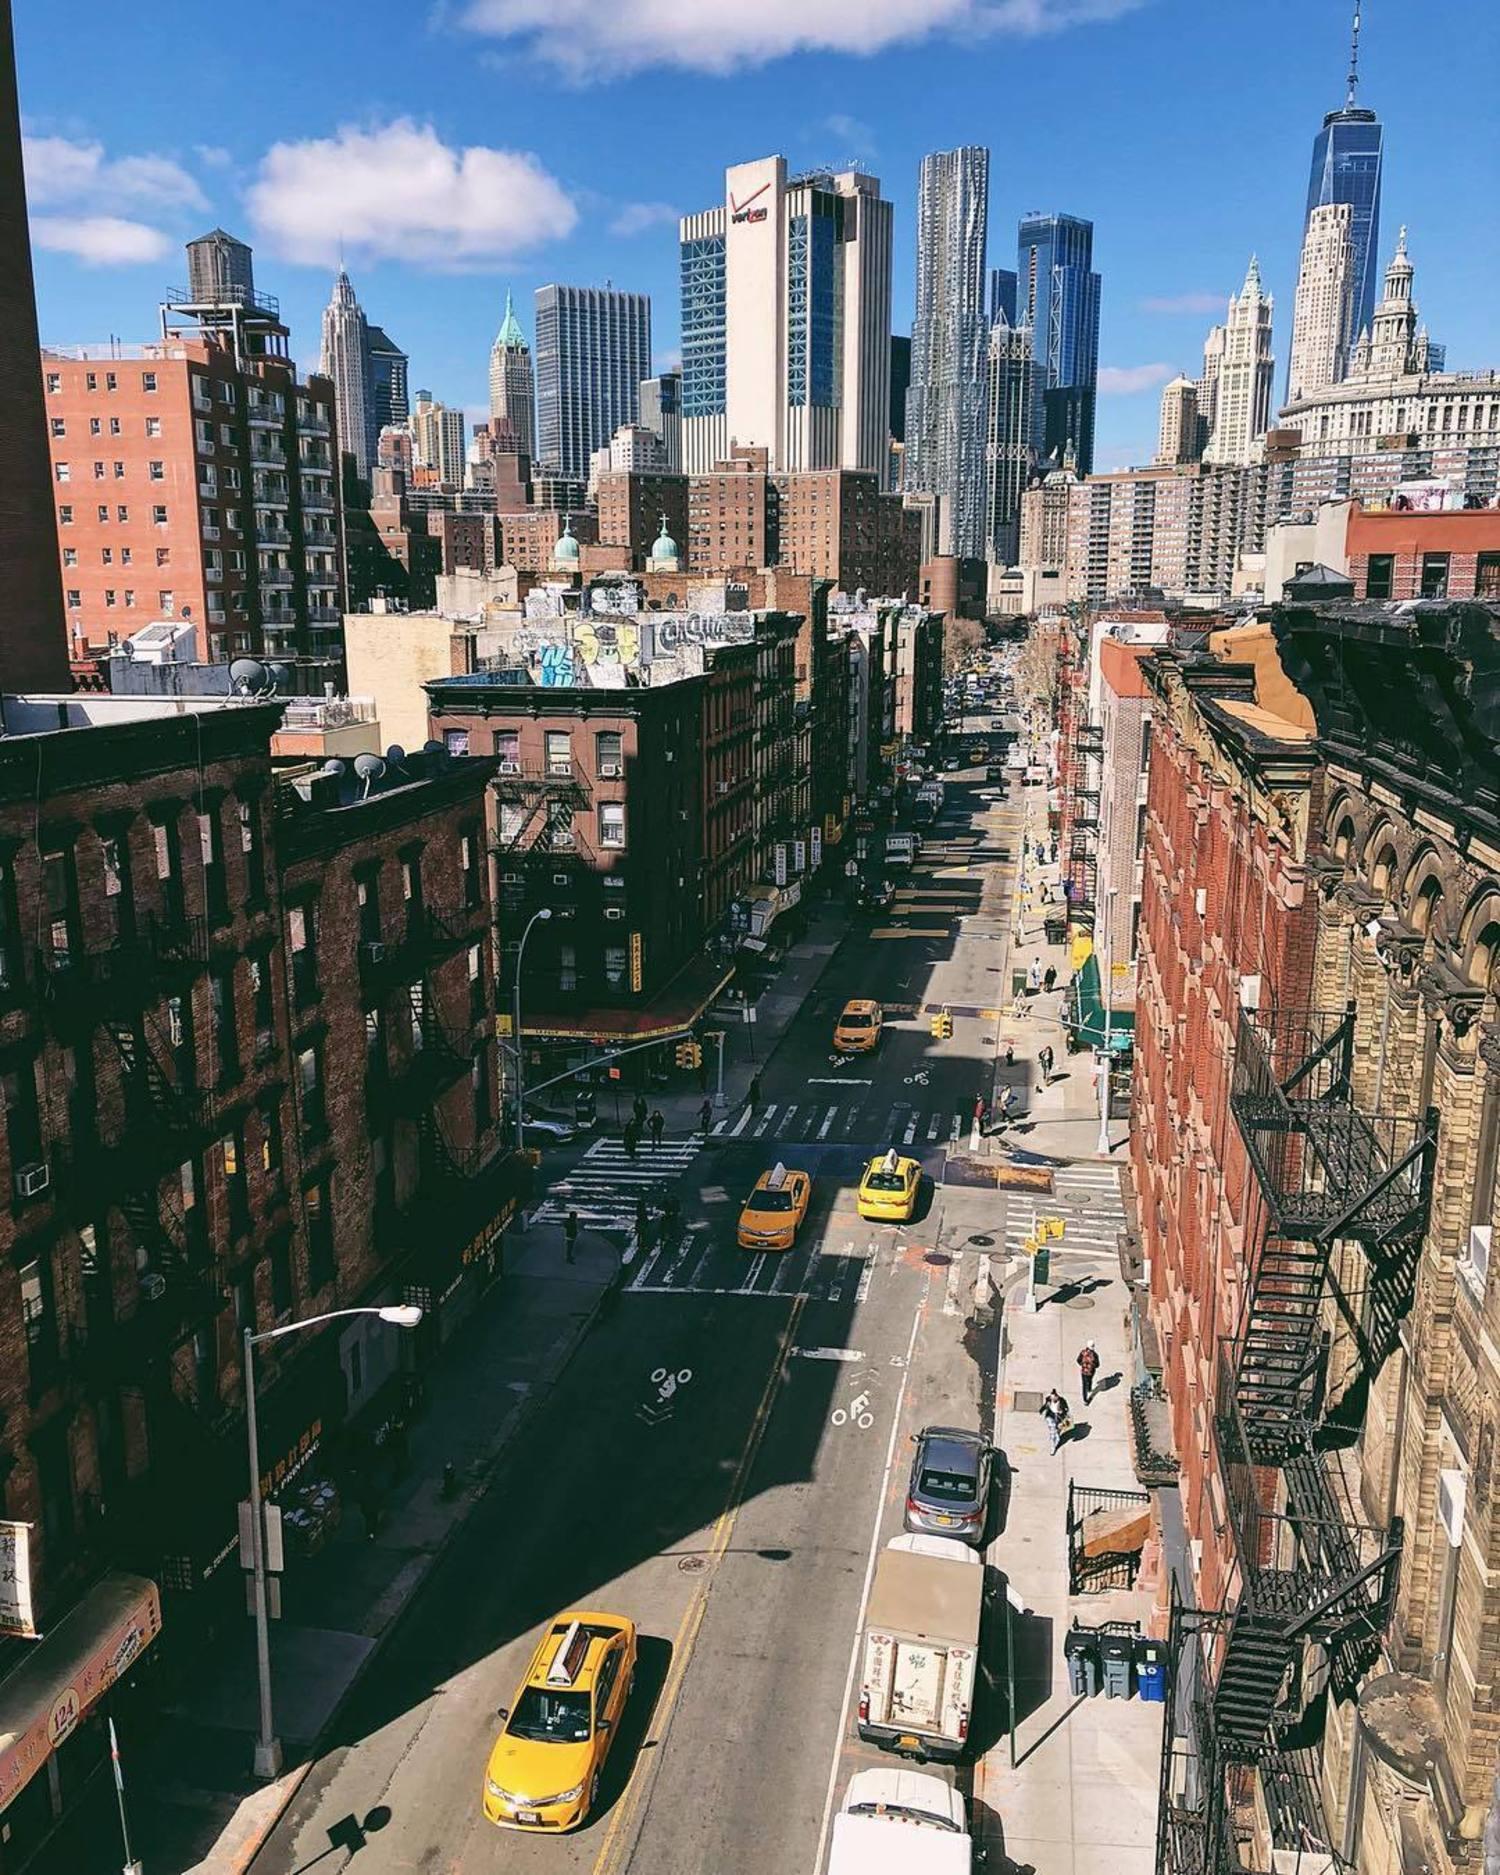 New York, New York. Photo via @iwyndt #newyorkcity #newyork #nyc #viewingnyc